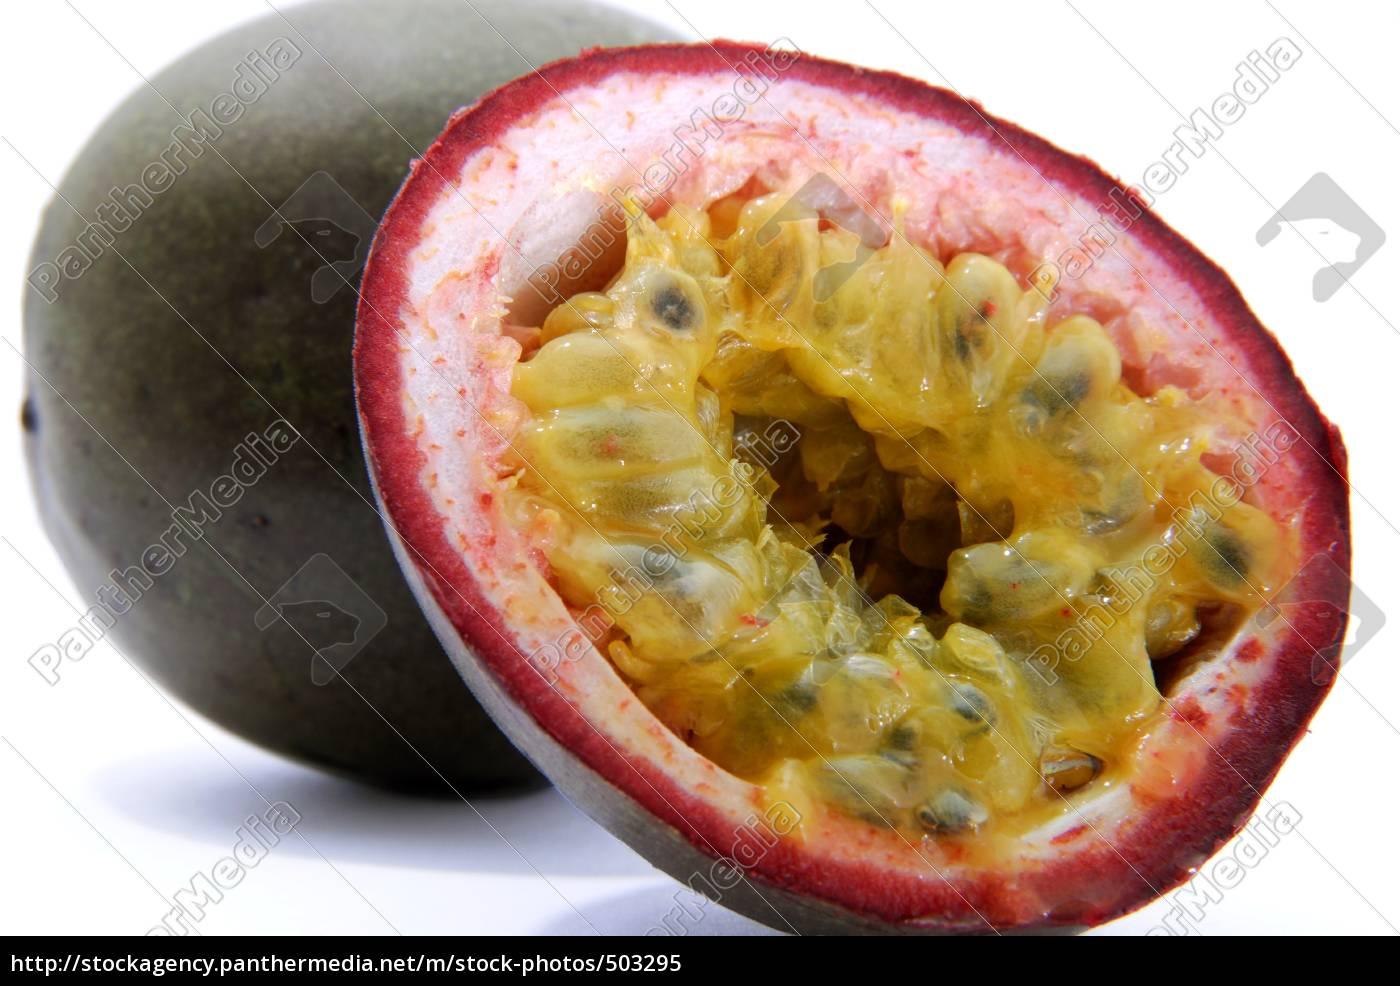 passion, fruit - 503295